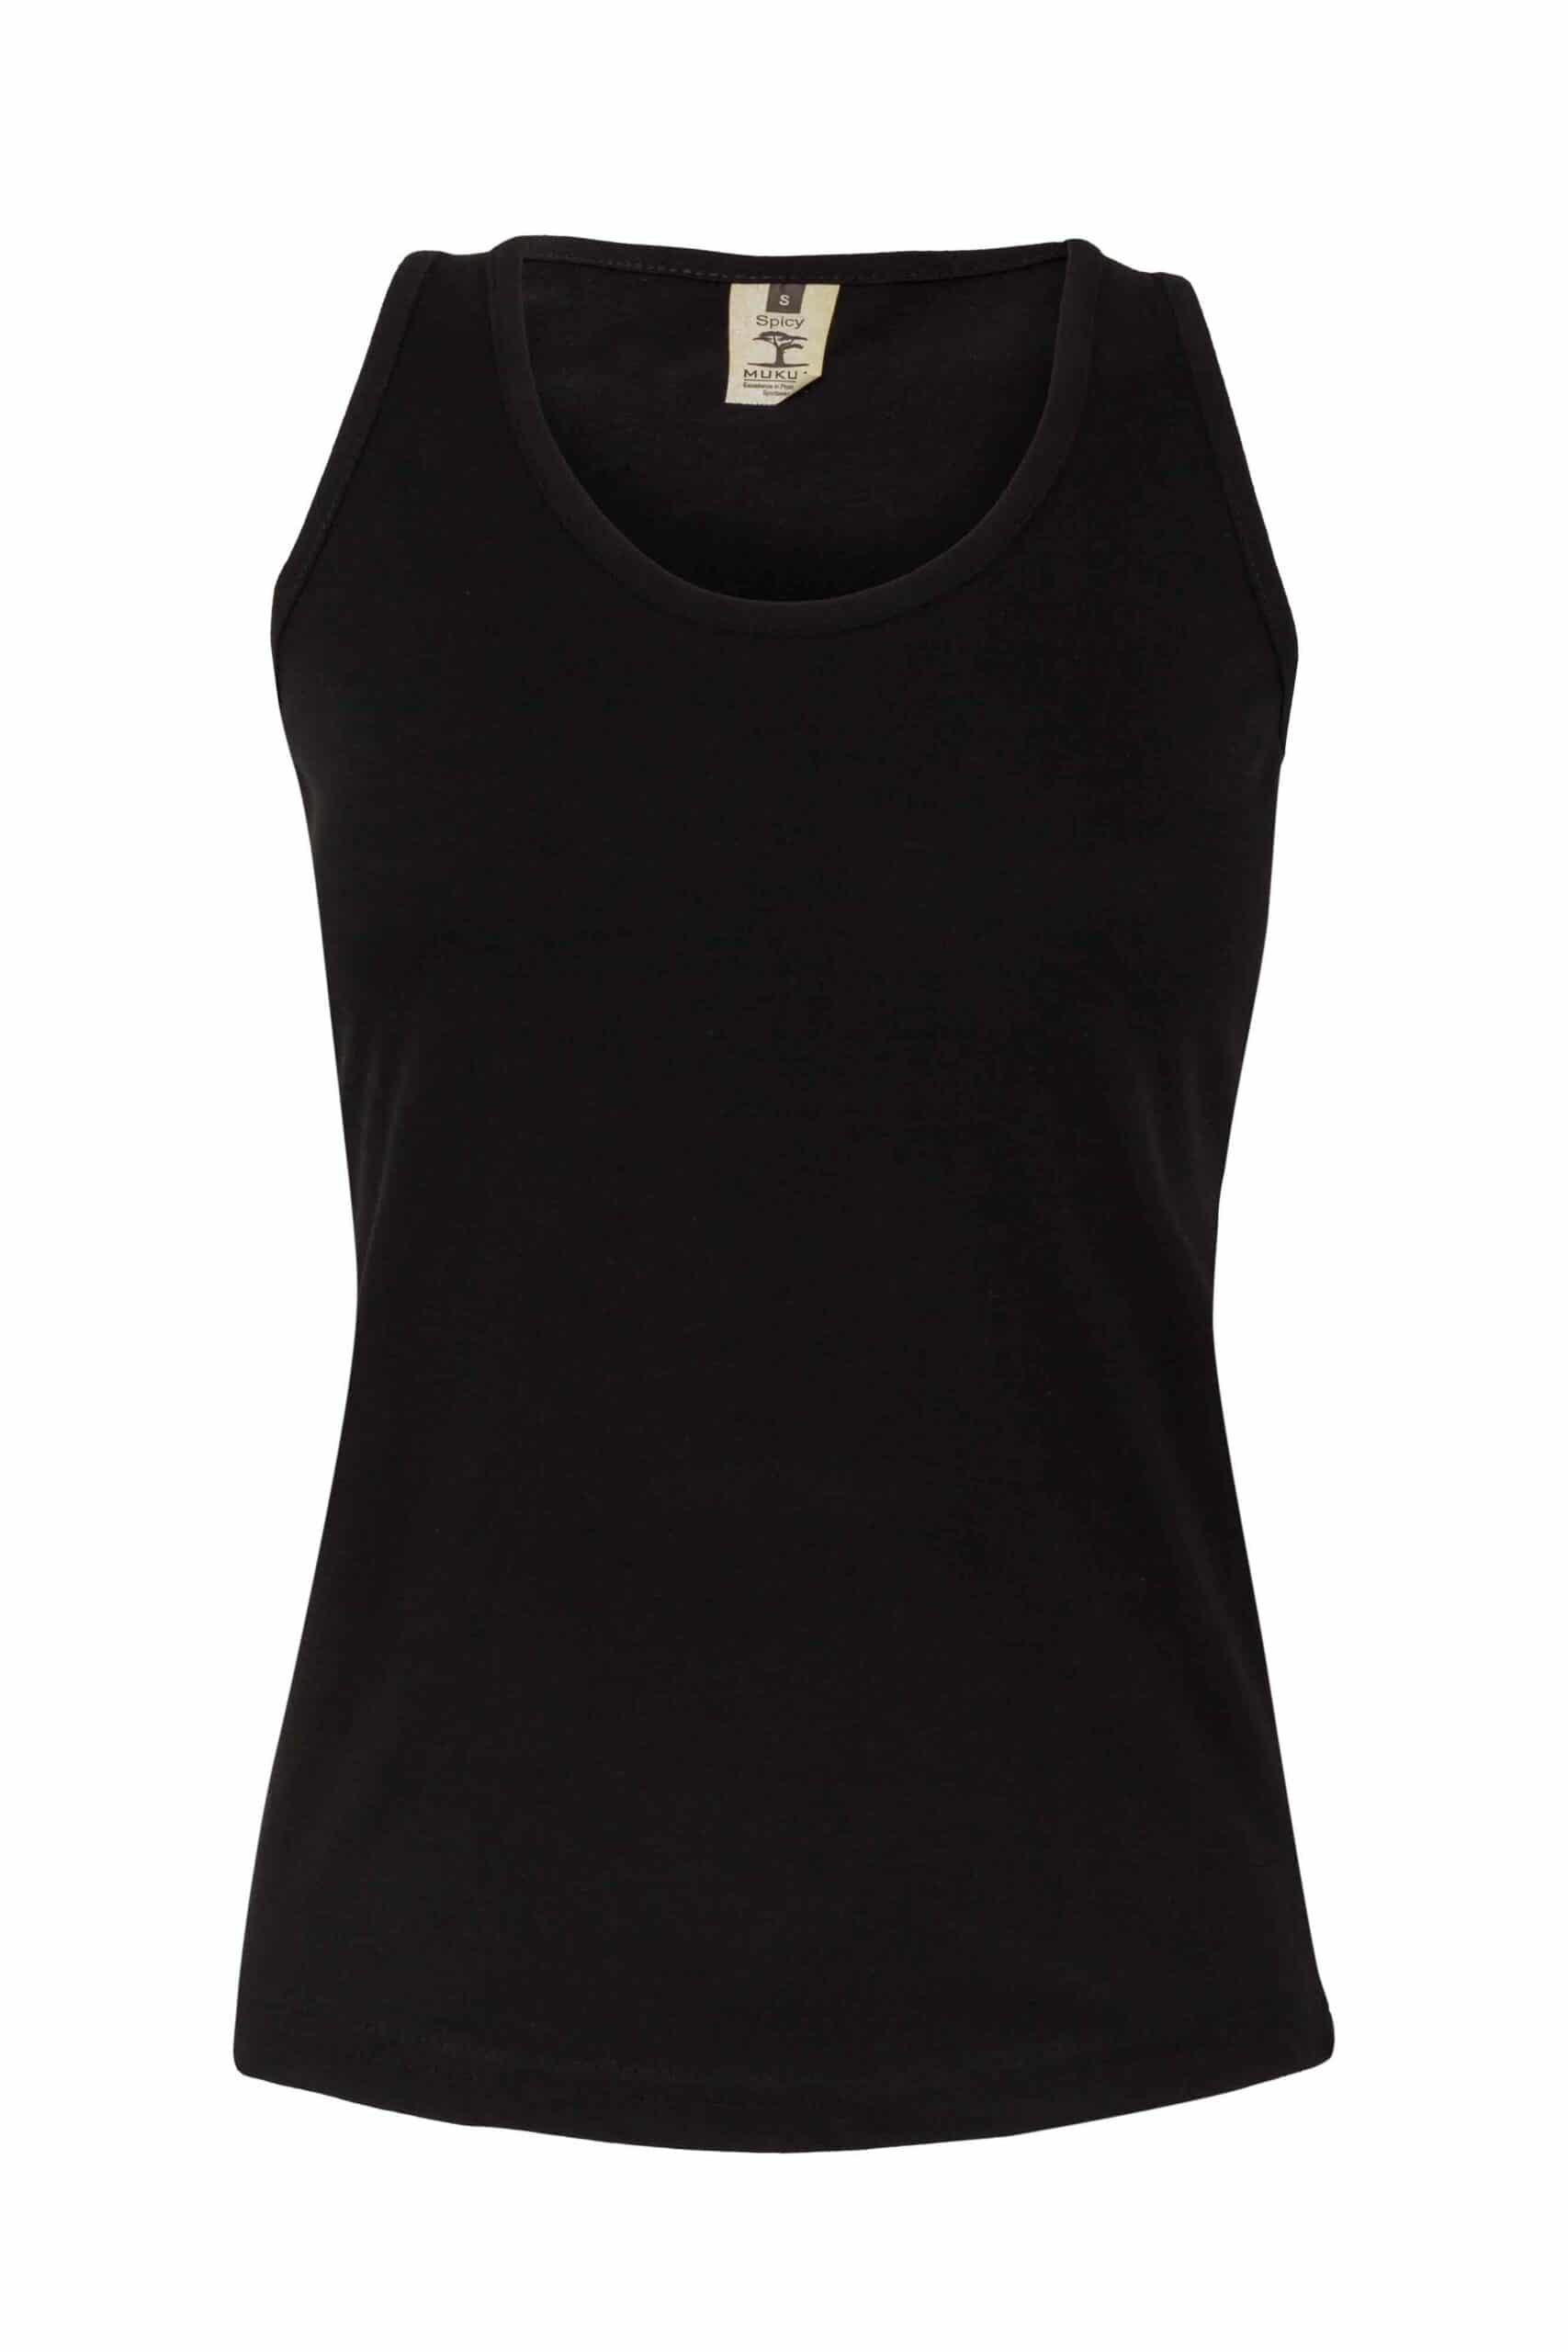 Mukua Mk171cv Camiseta Tirantes Mujer 150gr Black